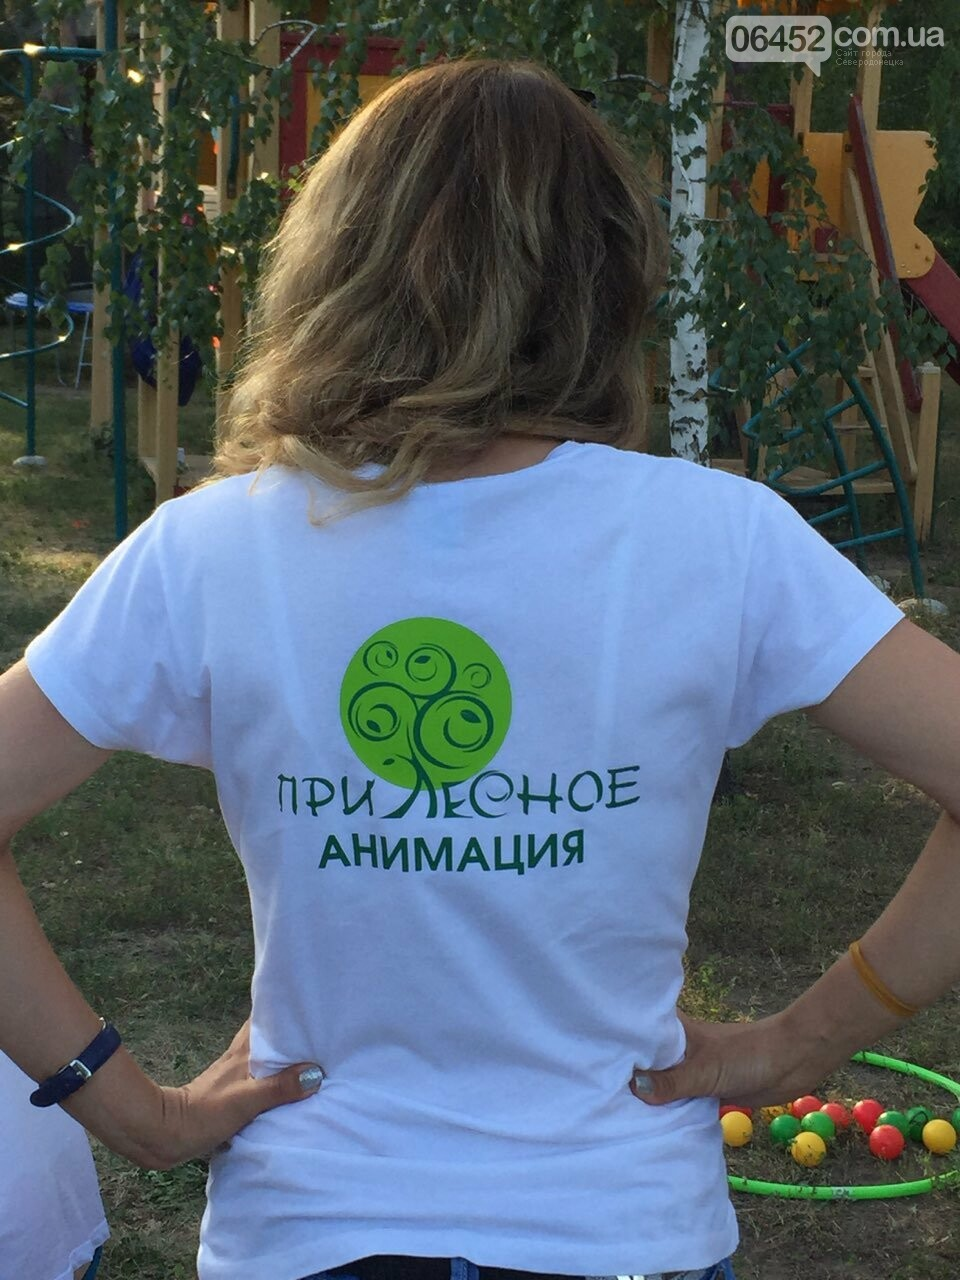 Европейский курорт в центре Луганщины: место из которого вы не захотите уезжать, фото-10